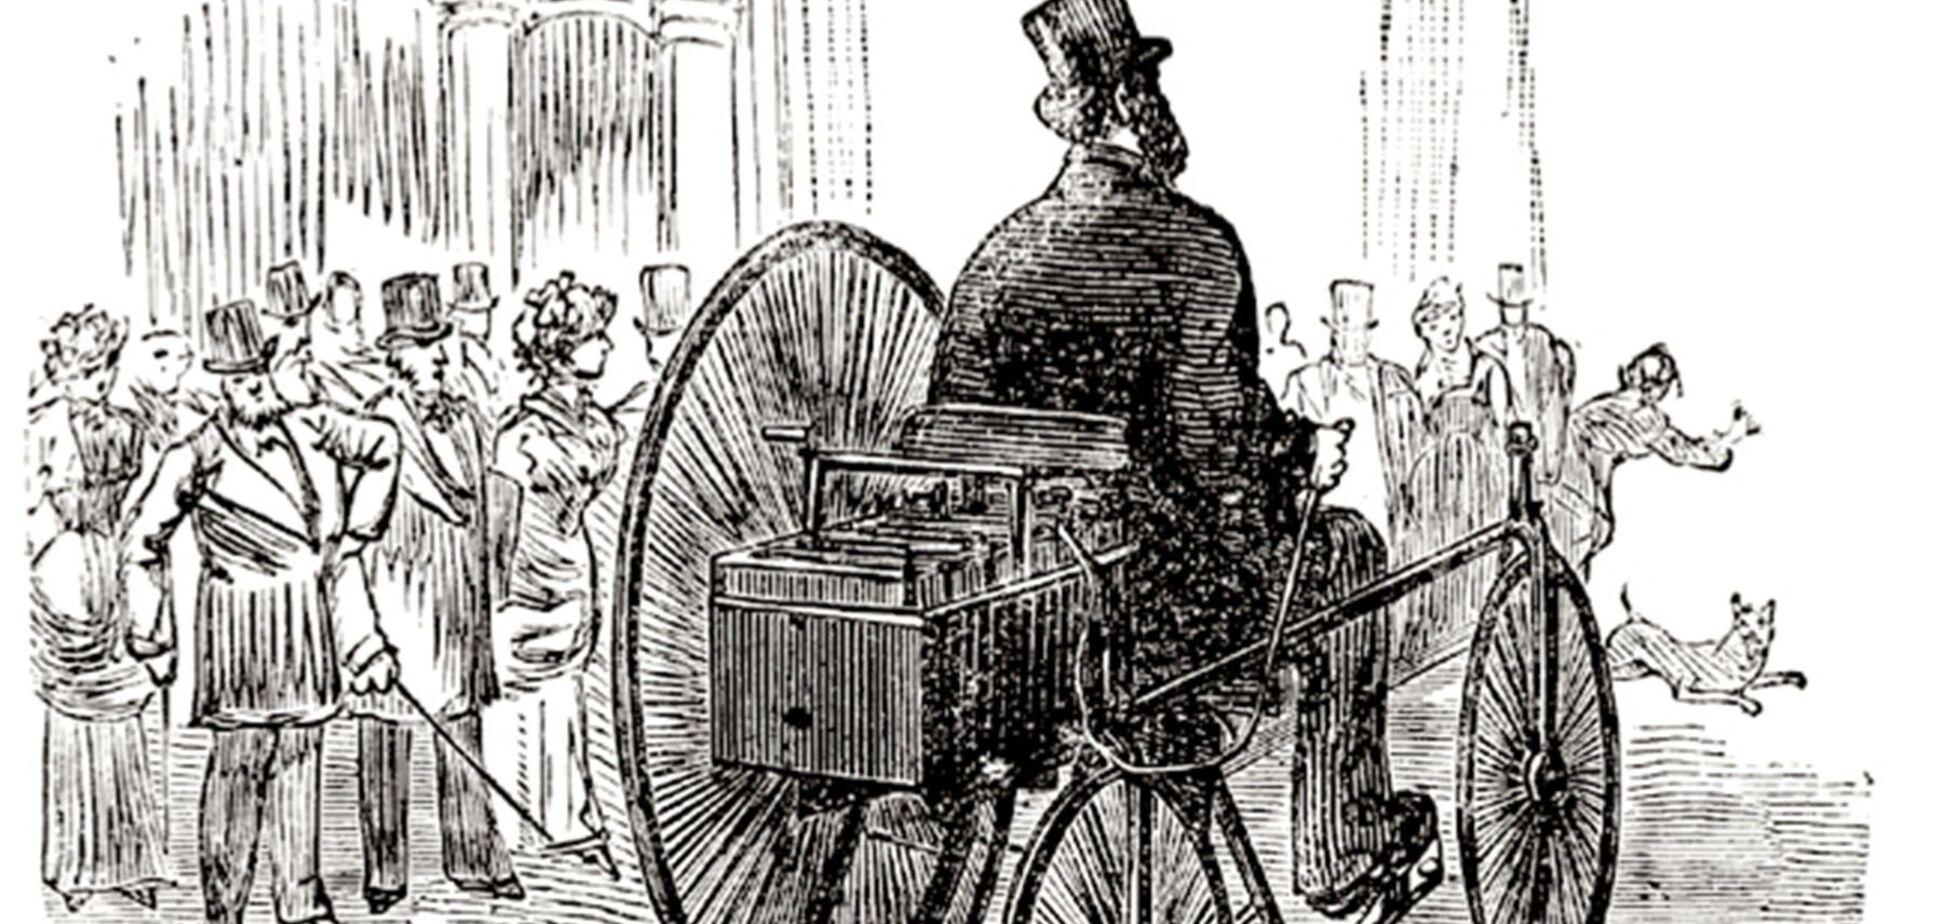 Репліка першого в історії електрокару